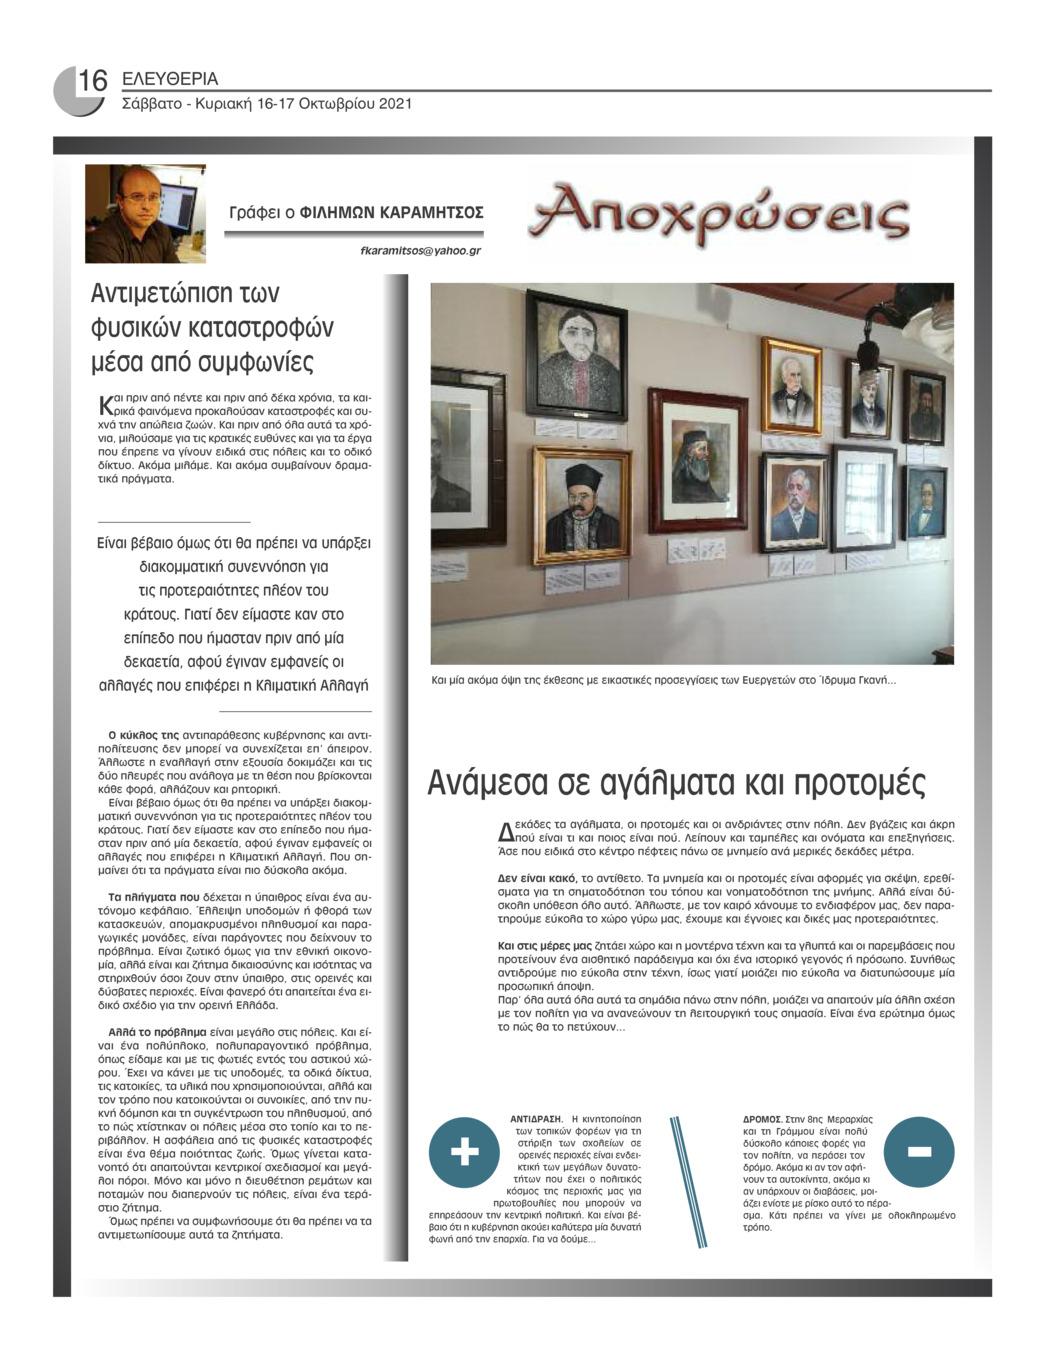 Οπισθόφυλλο εφημερίδας Ελευθερία Ηπείρου